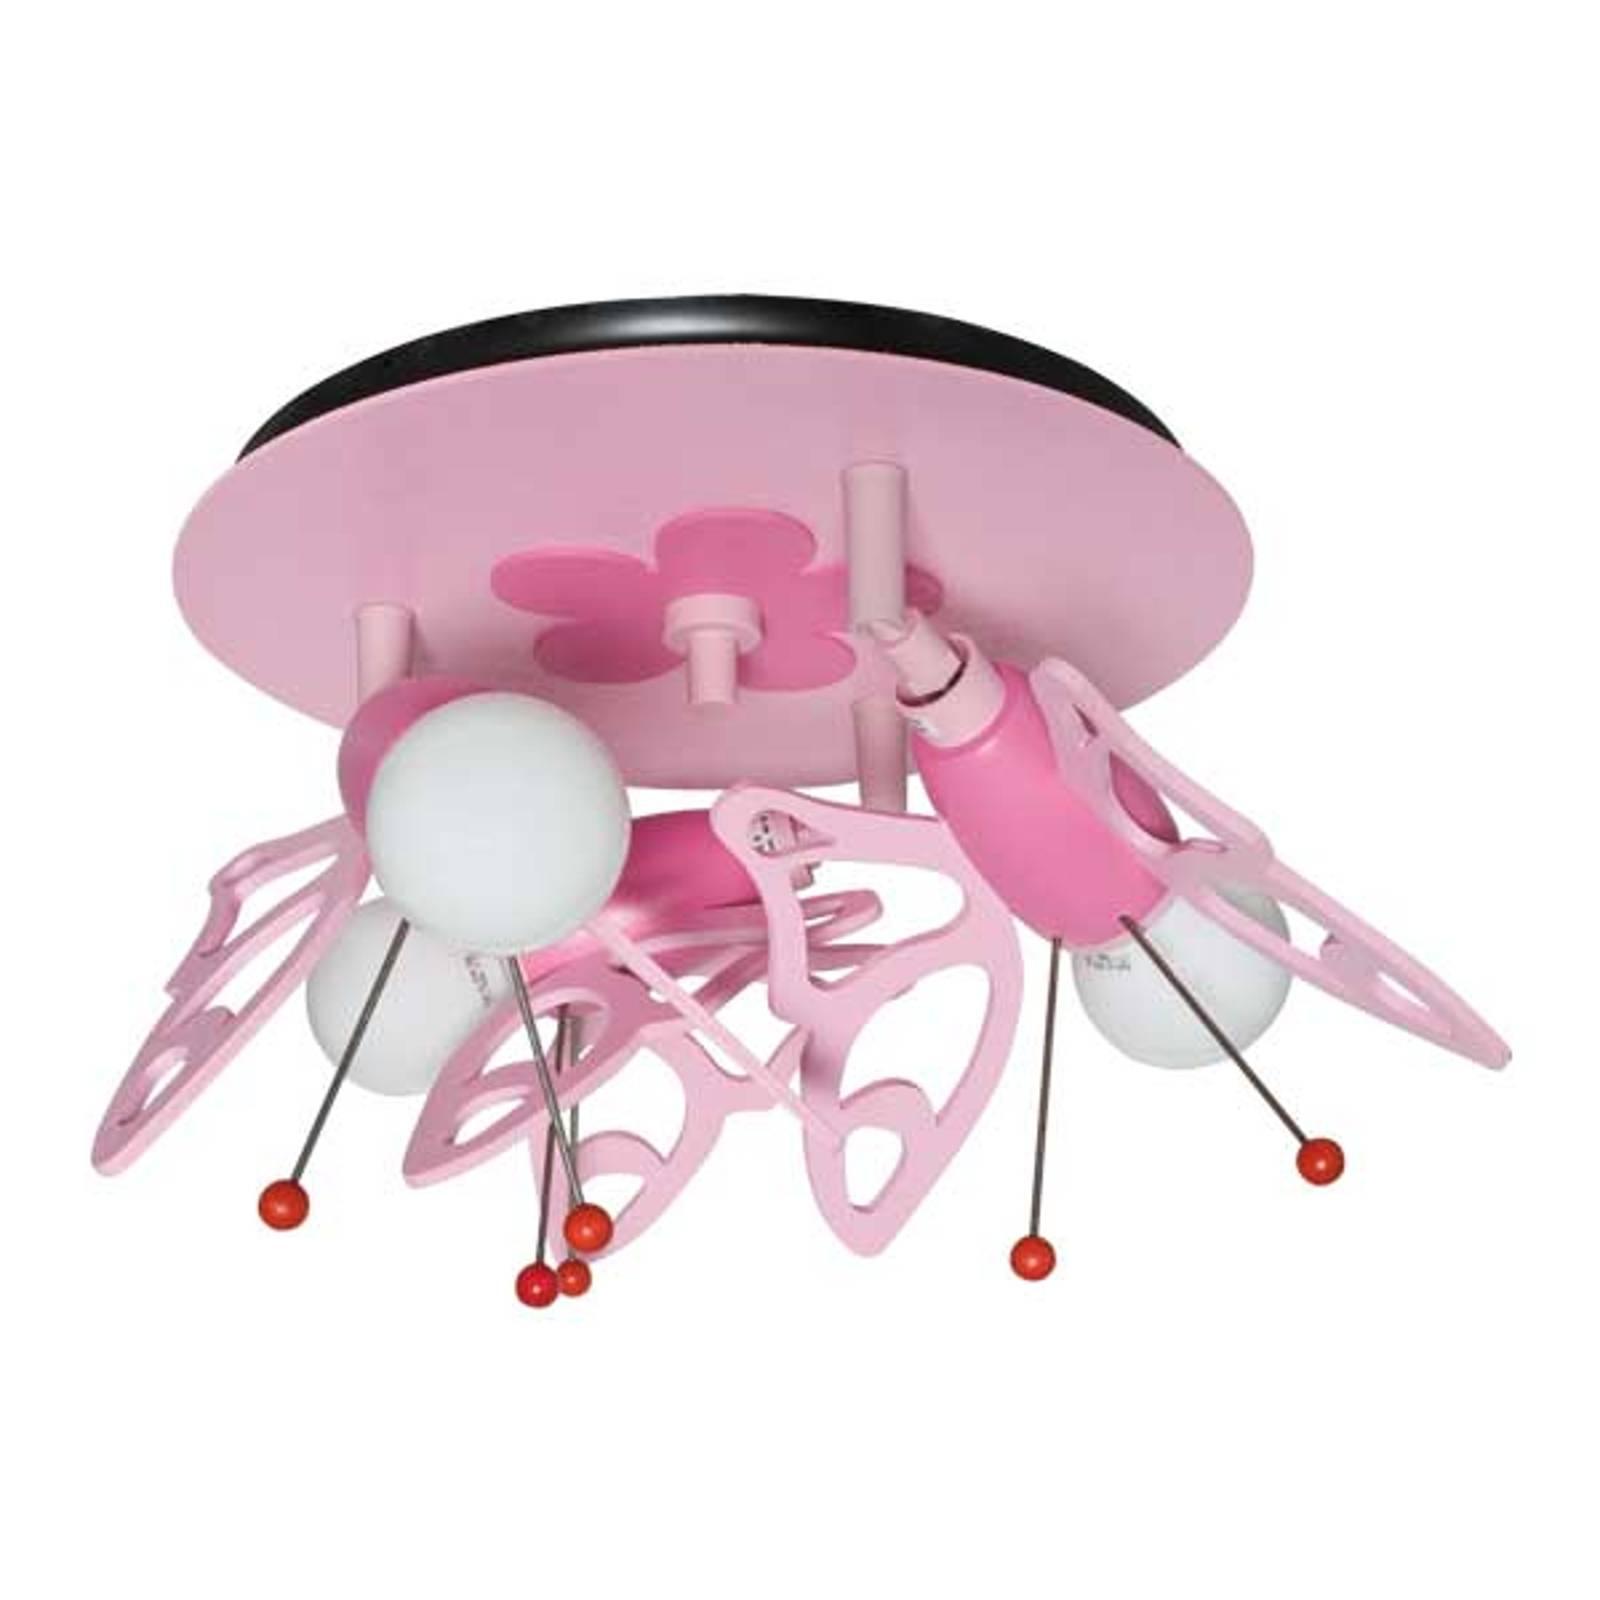 Lastenhuoneen Perhoset-kattovalaisin, 3-lamppuinen